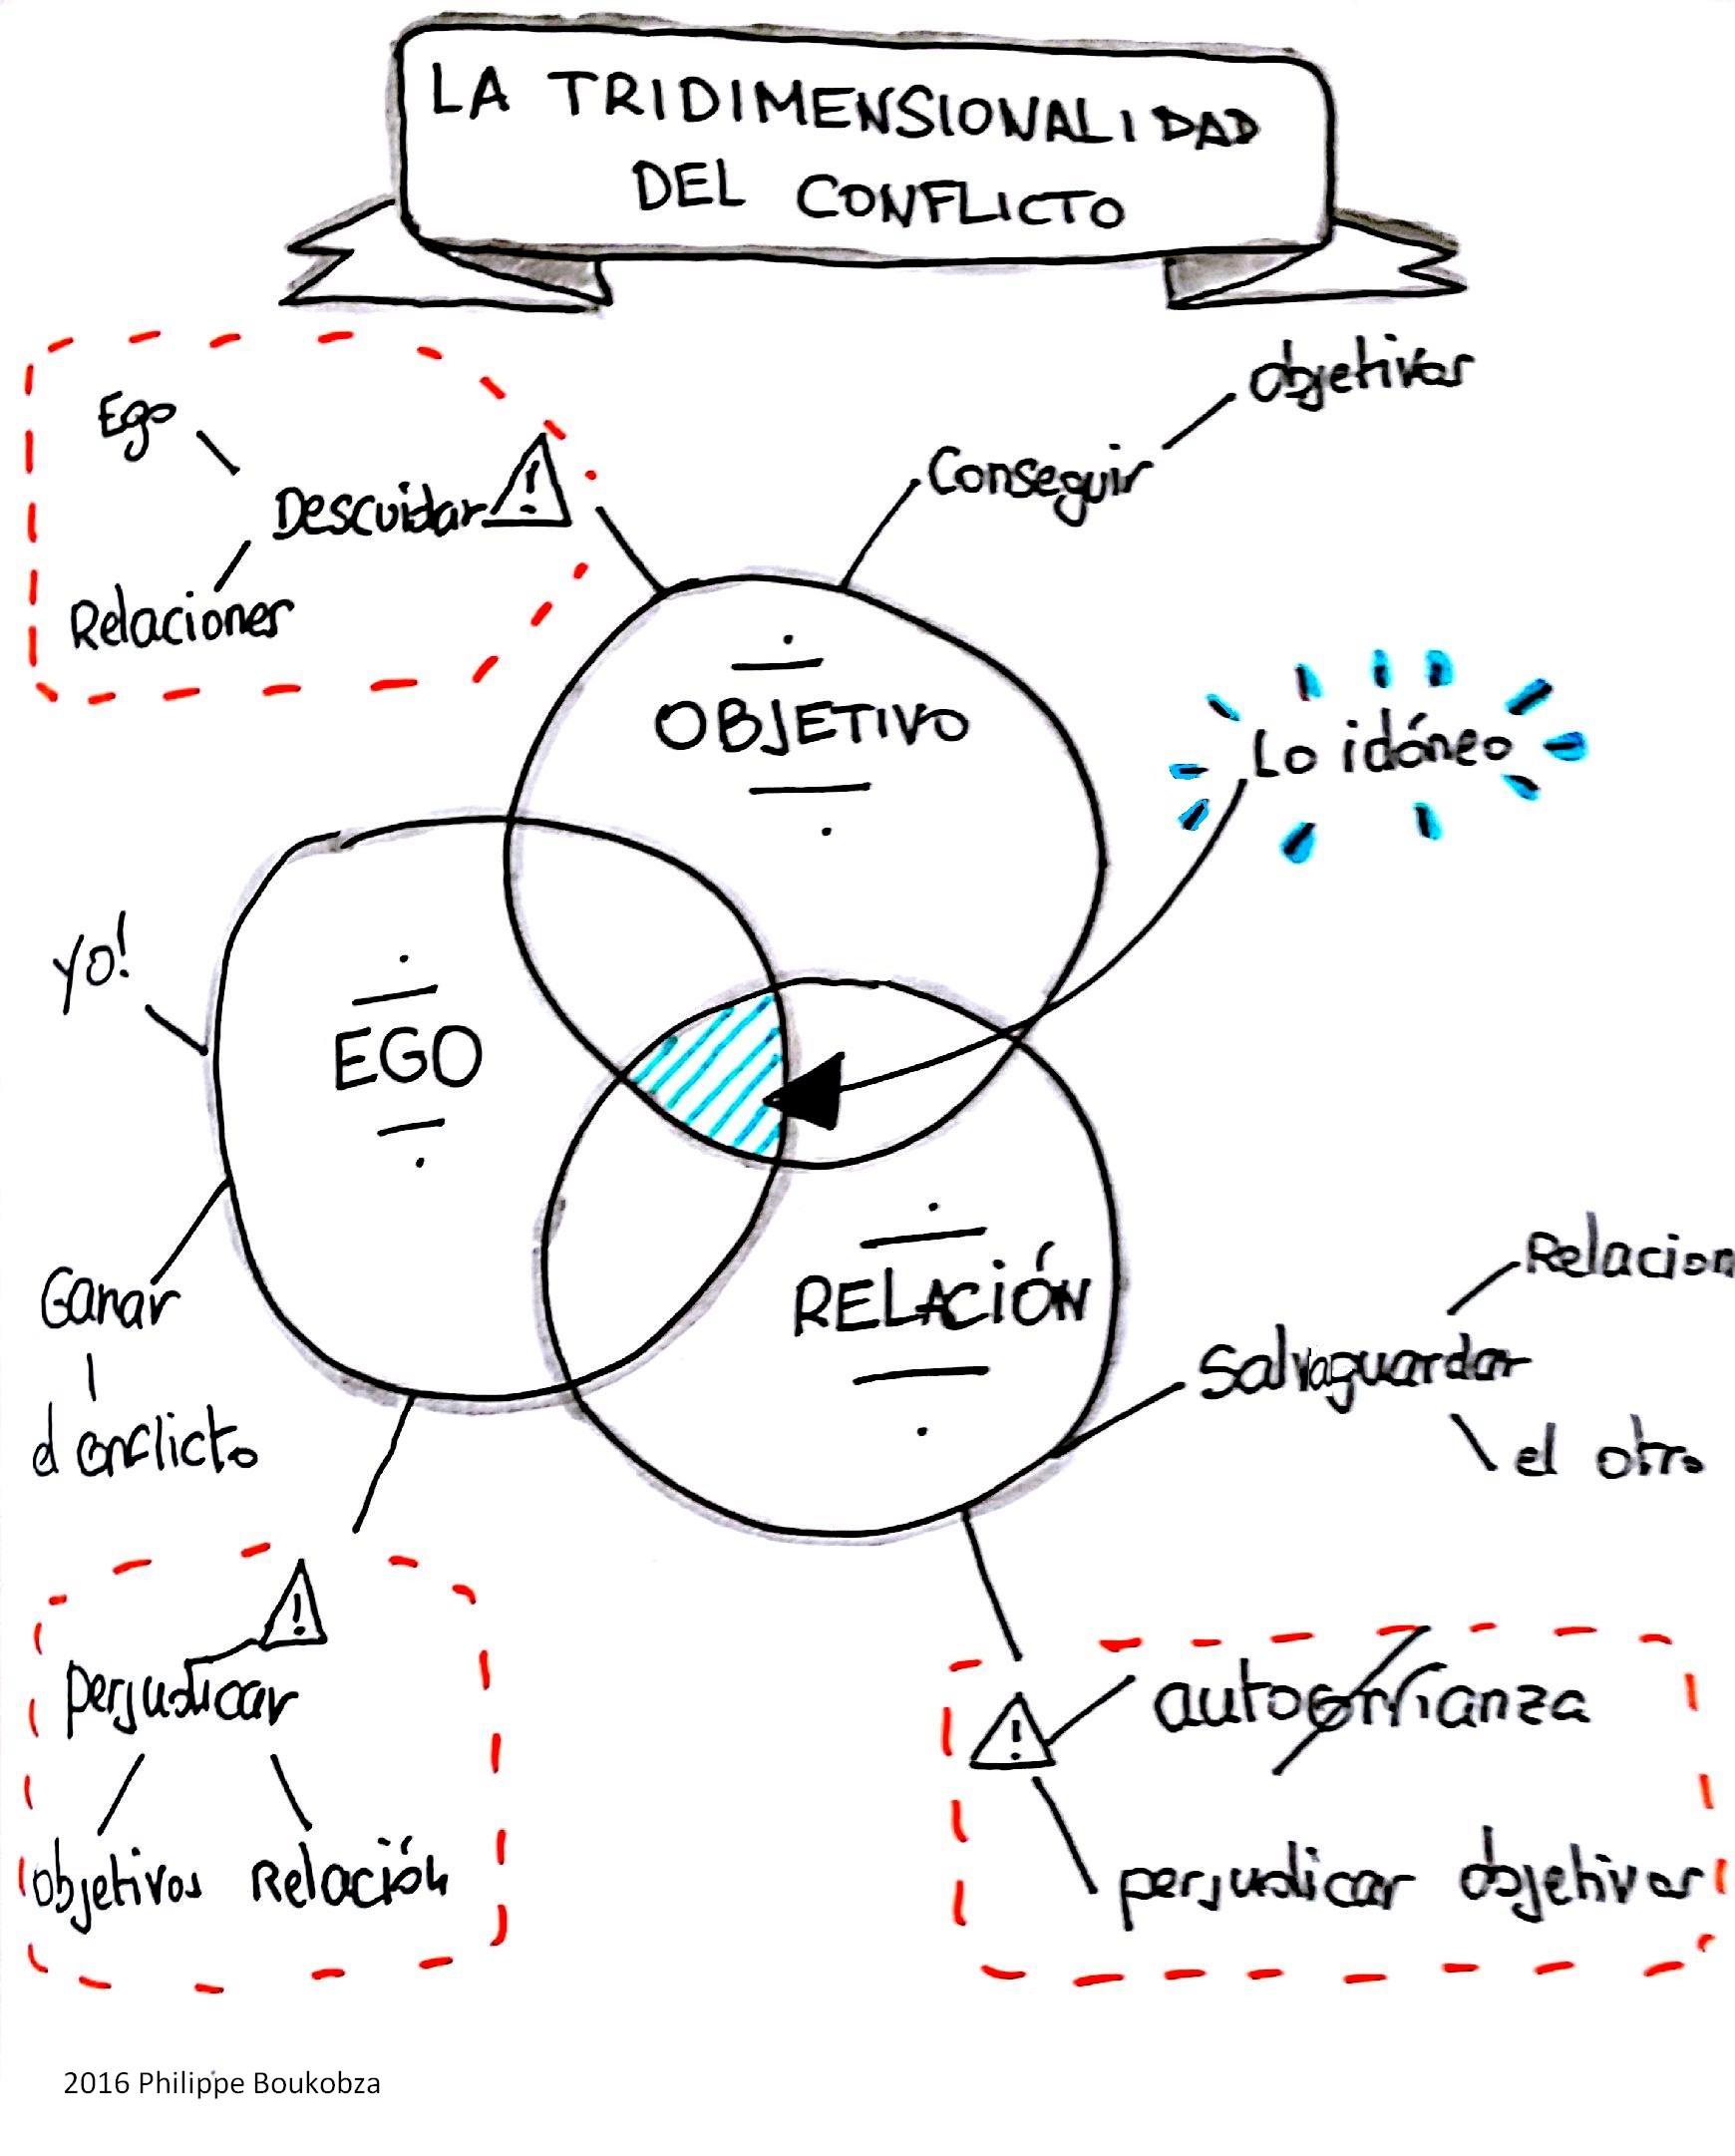 ¿En qué pones el foco en tus conflictos?